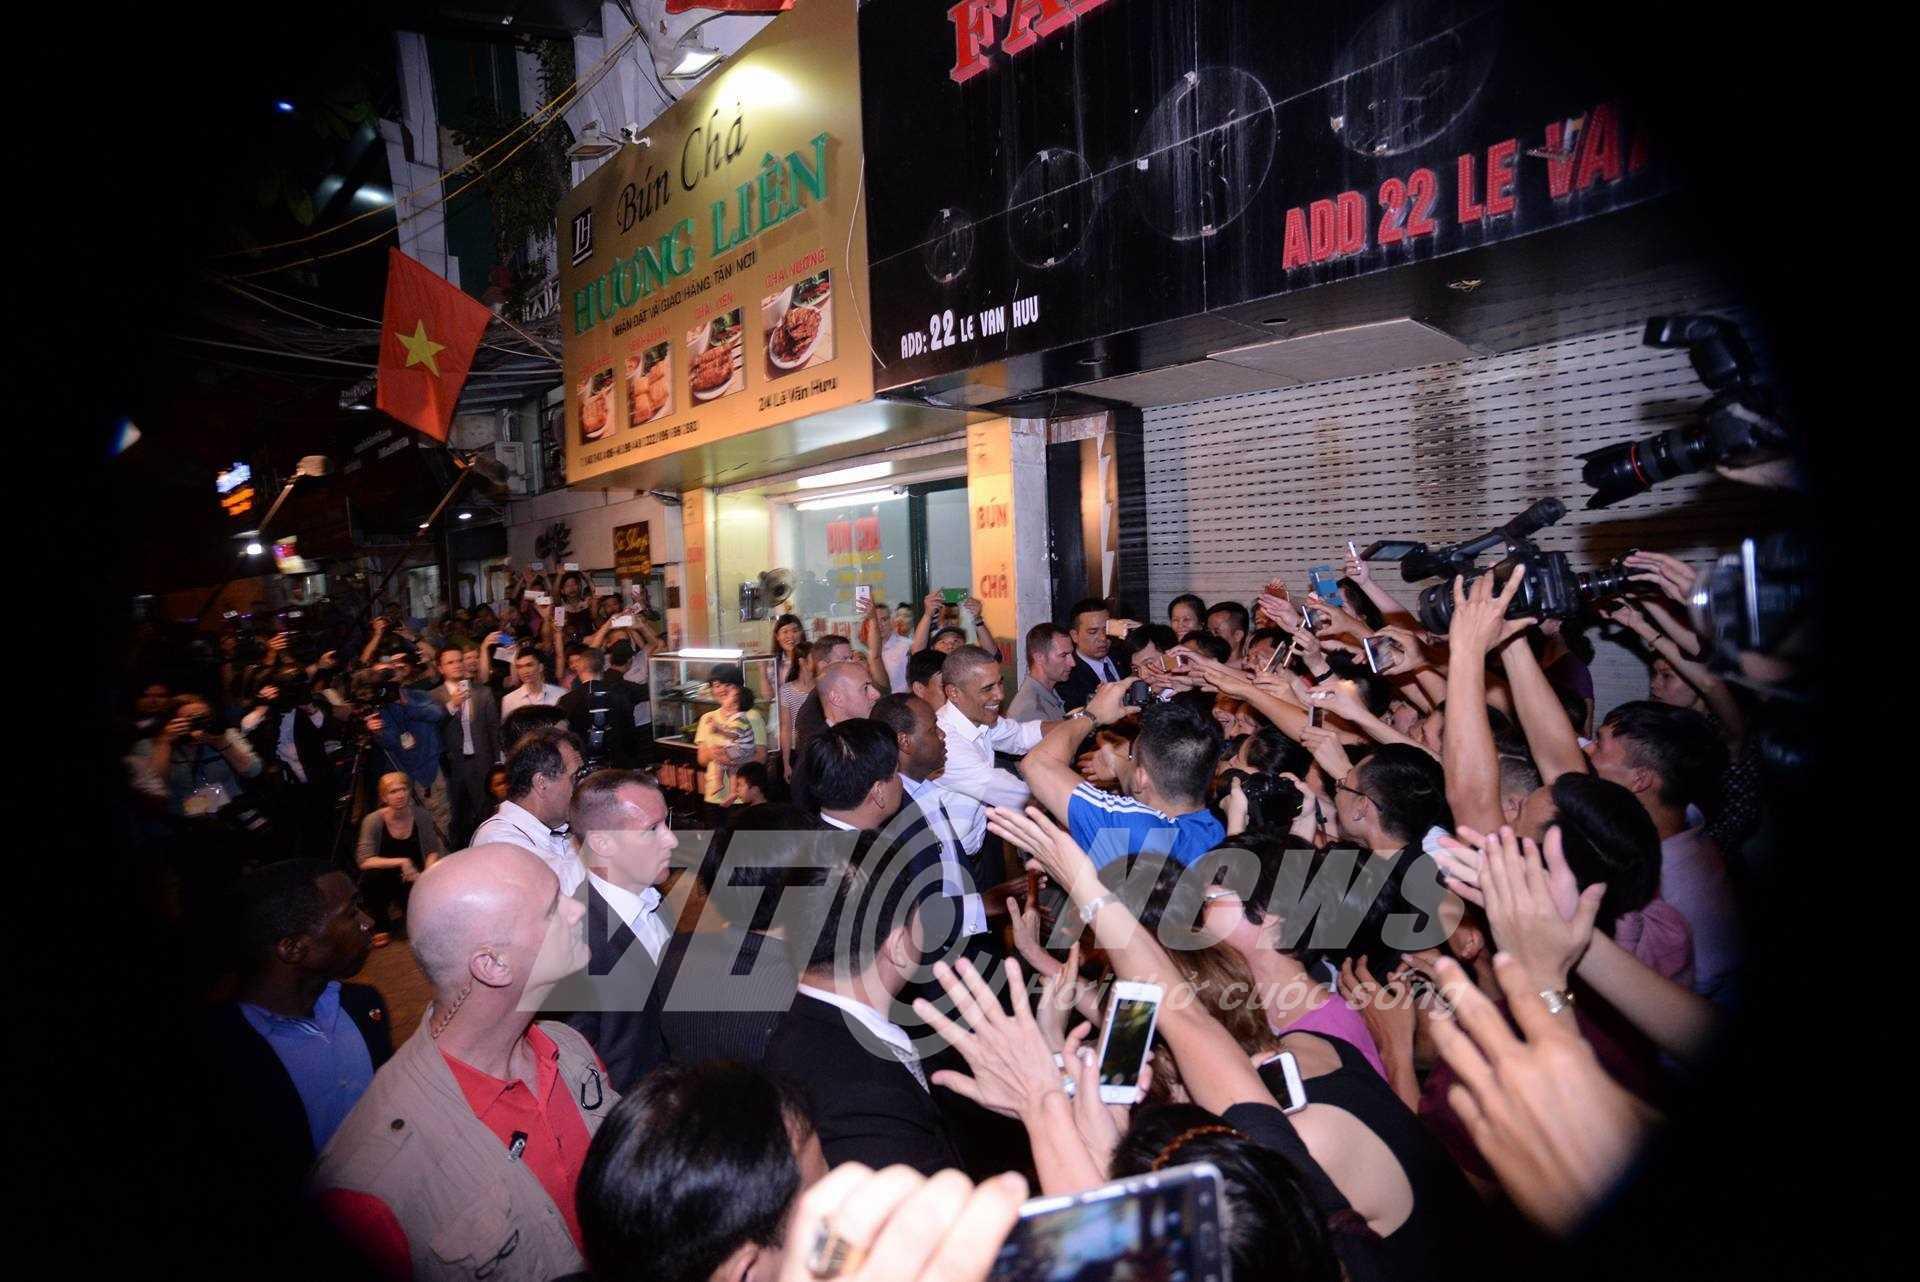 Tổng thống chạm tay chào tạm biệt người dân (ảnh: Tùng Đinh)